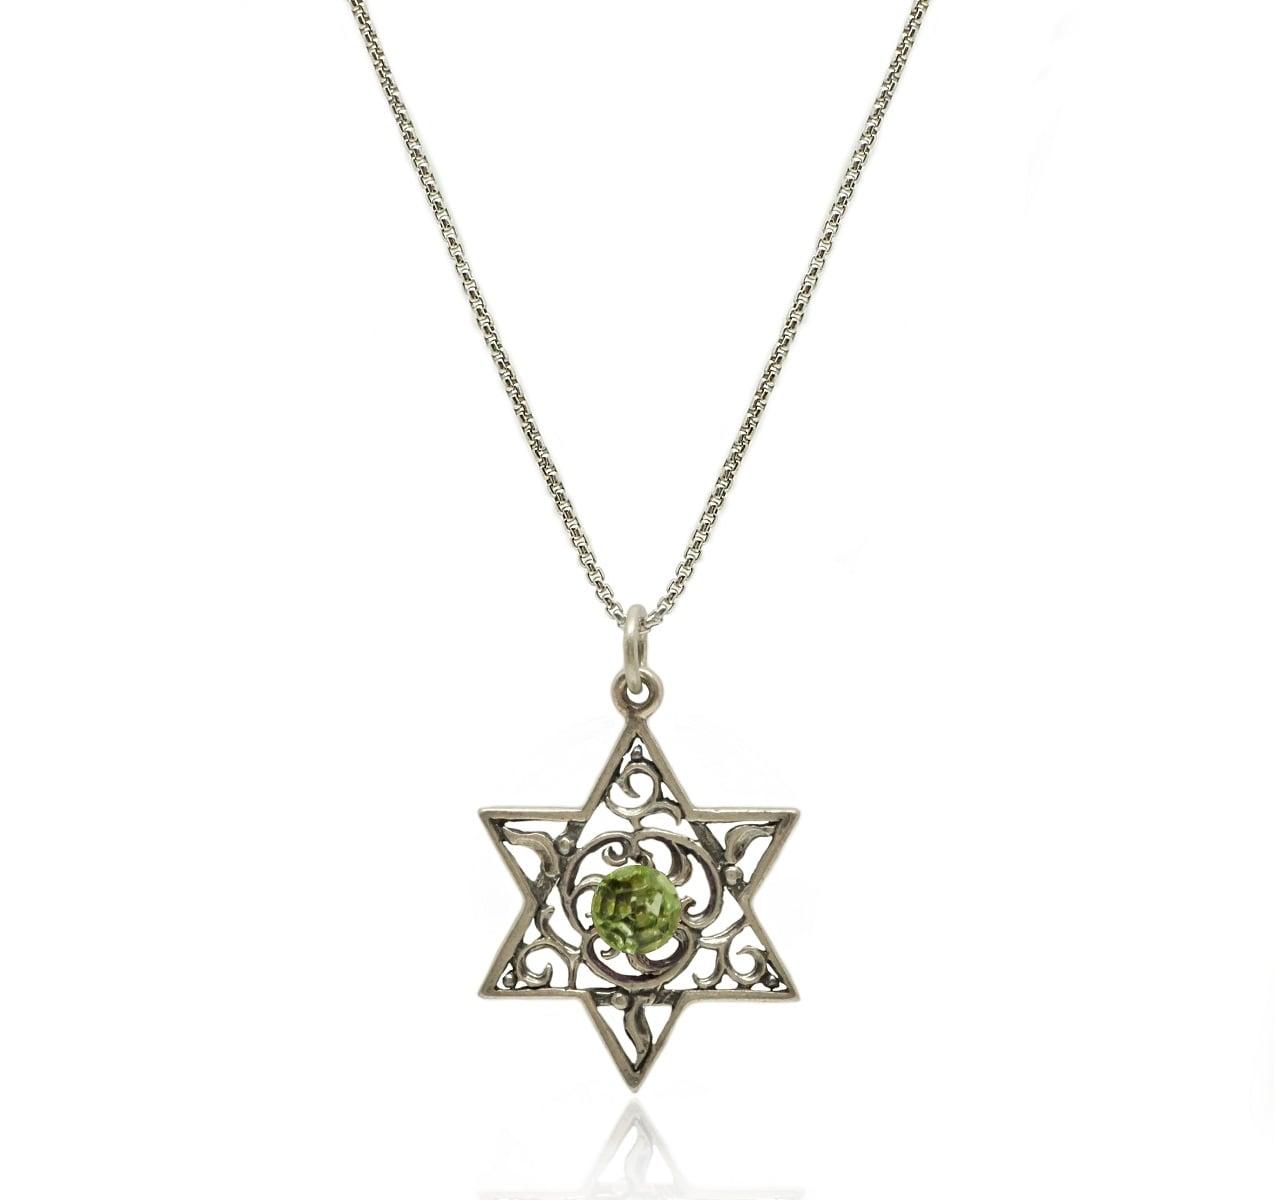 שרשרת ותליון מגן דוד עם אבן צבעונית מכסף 925 מושחר